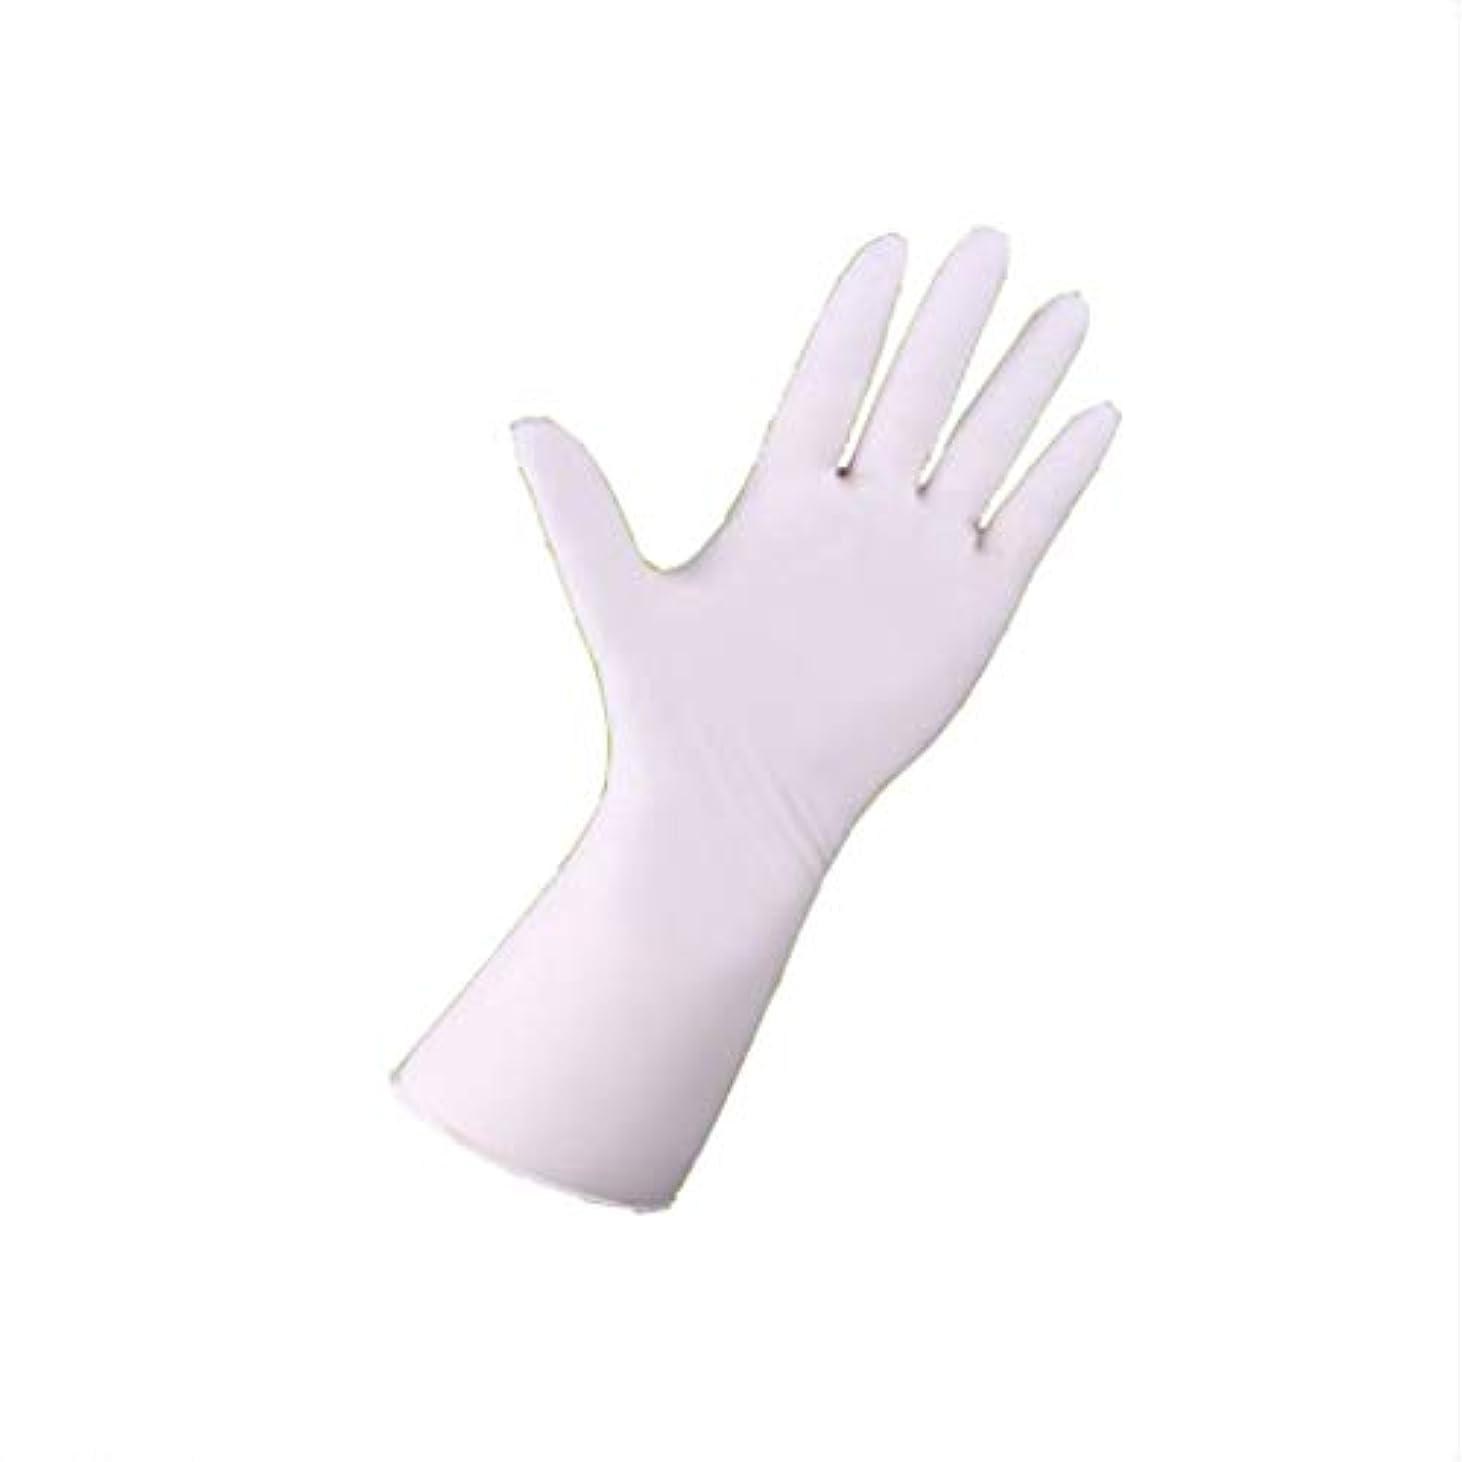 付与円形パーフェルビッド手袋、使い捨て手袋、長いゴムラボ、帯電防止ペディキュア、マッサージ、ハンドマッサージ100 (サイズ さいず : S s)